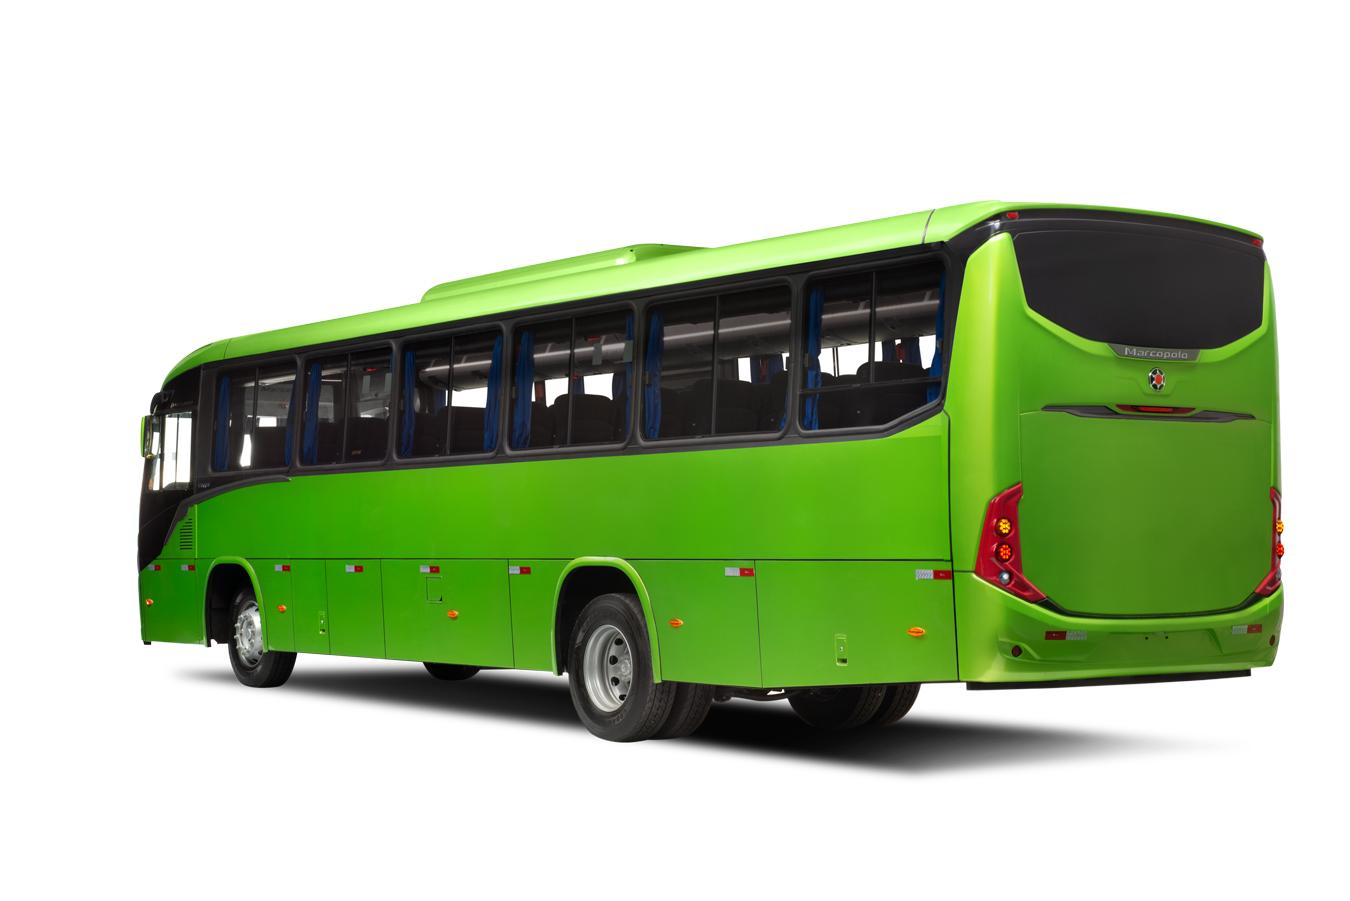 Viaggio-800-(286)-copiar